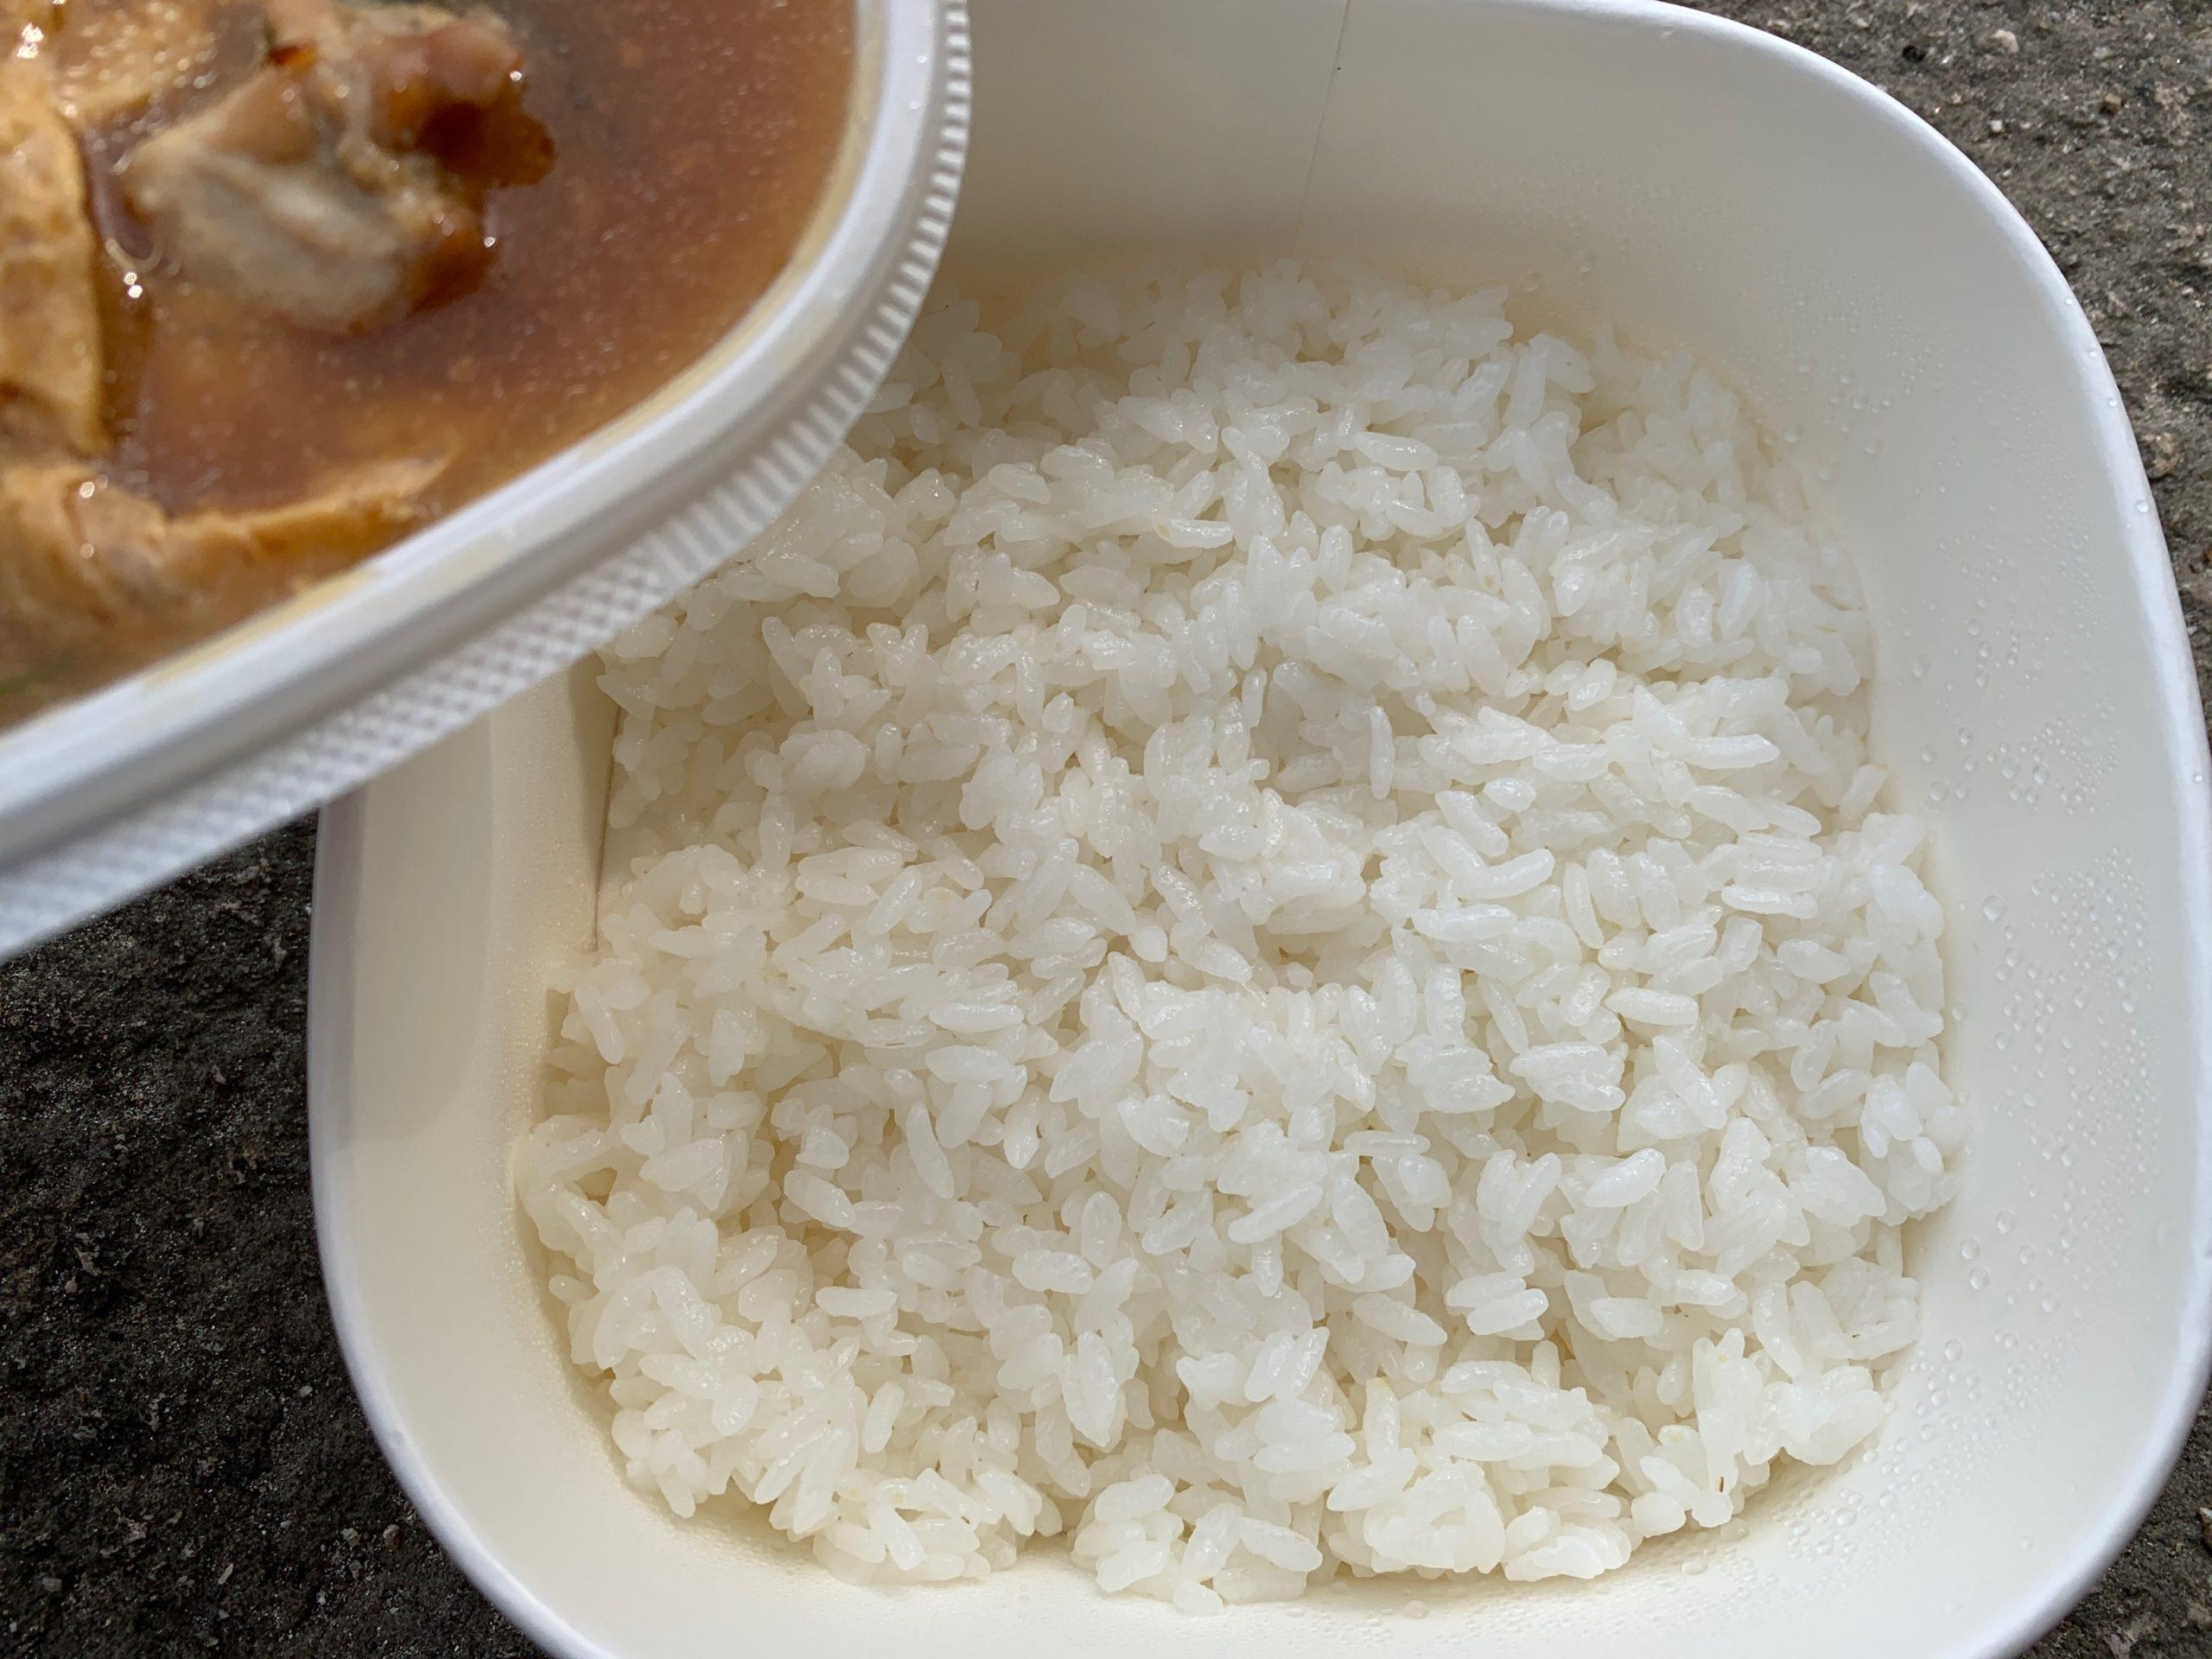 うどん屋さんの玉子とろとろ親子丼の白ご飯